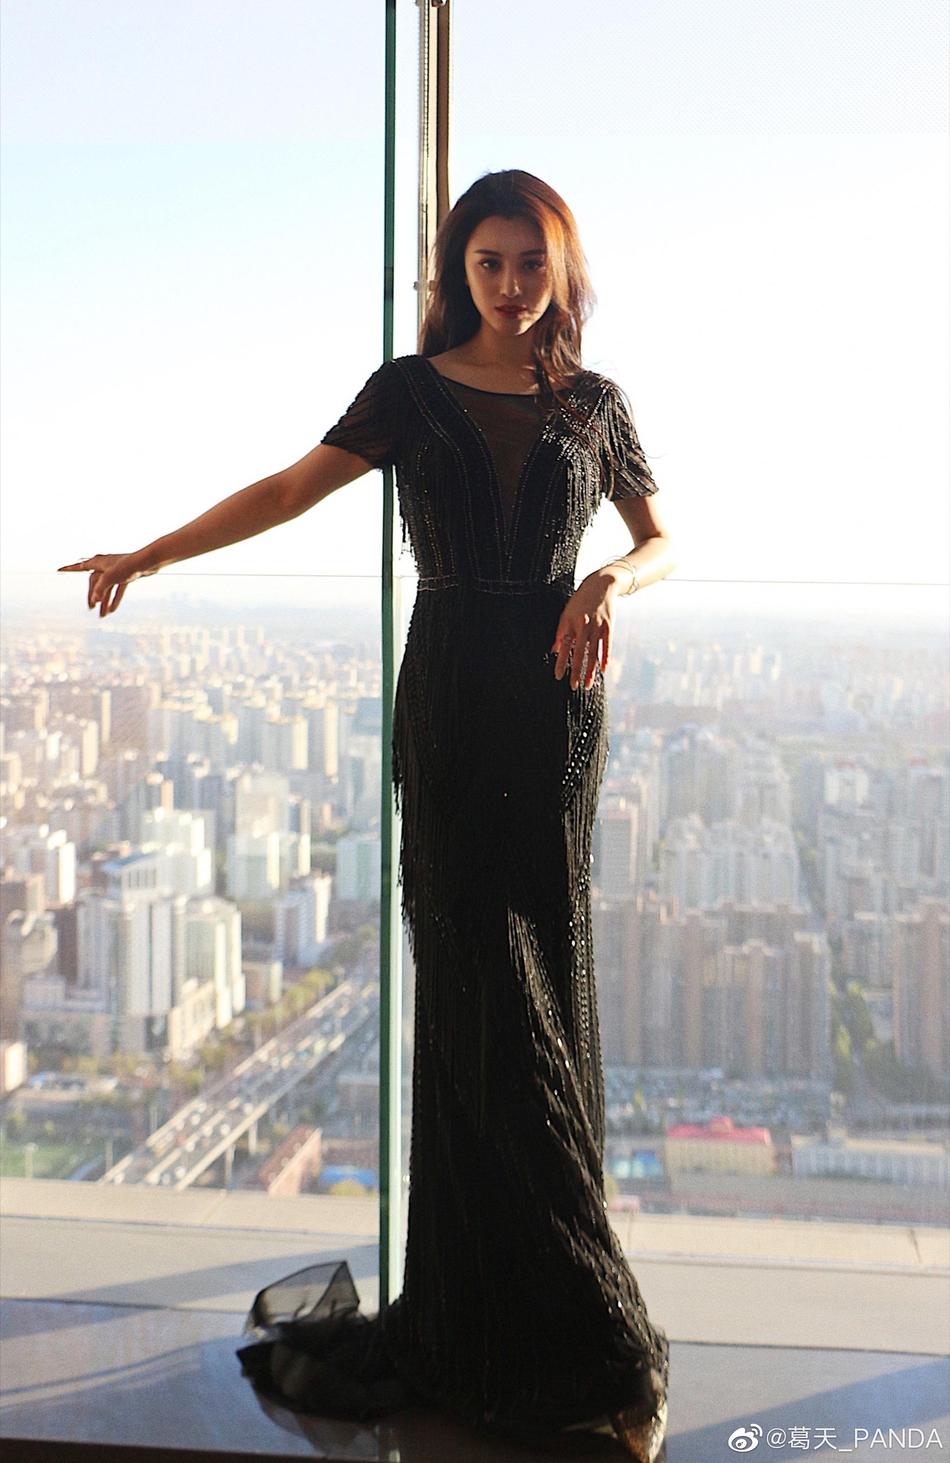 葛天晒温柔美照 穿黑色长纱裙好身材尽显